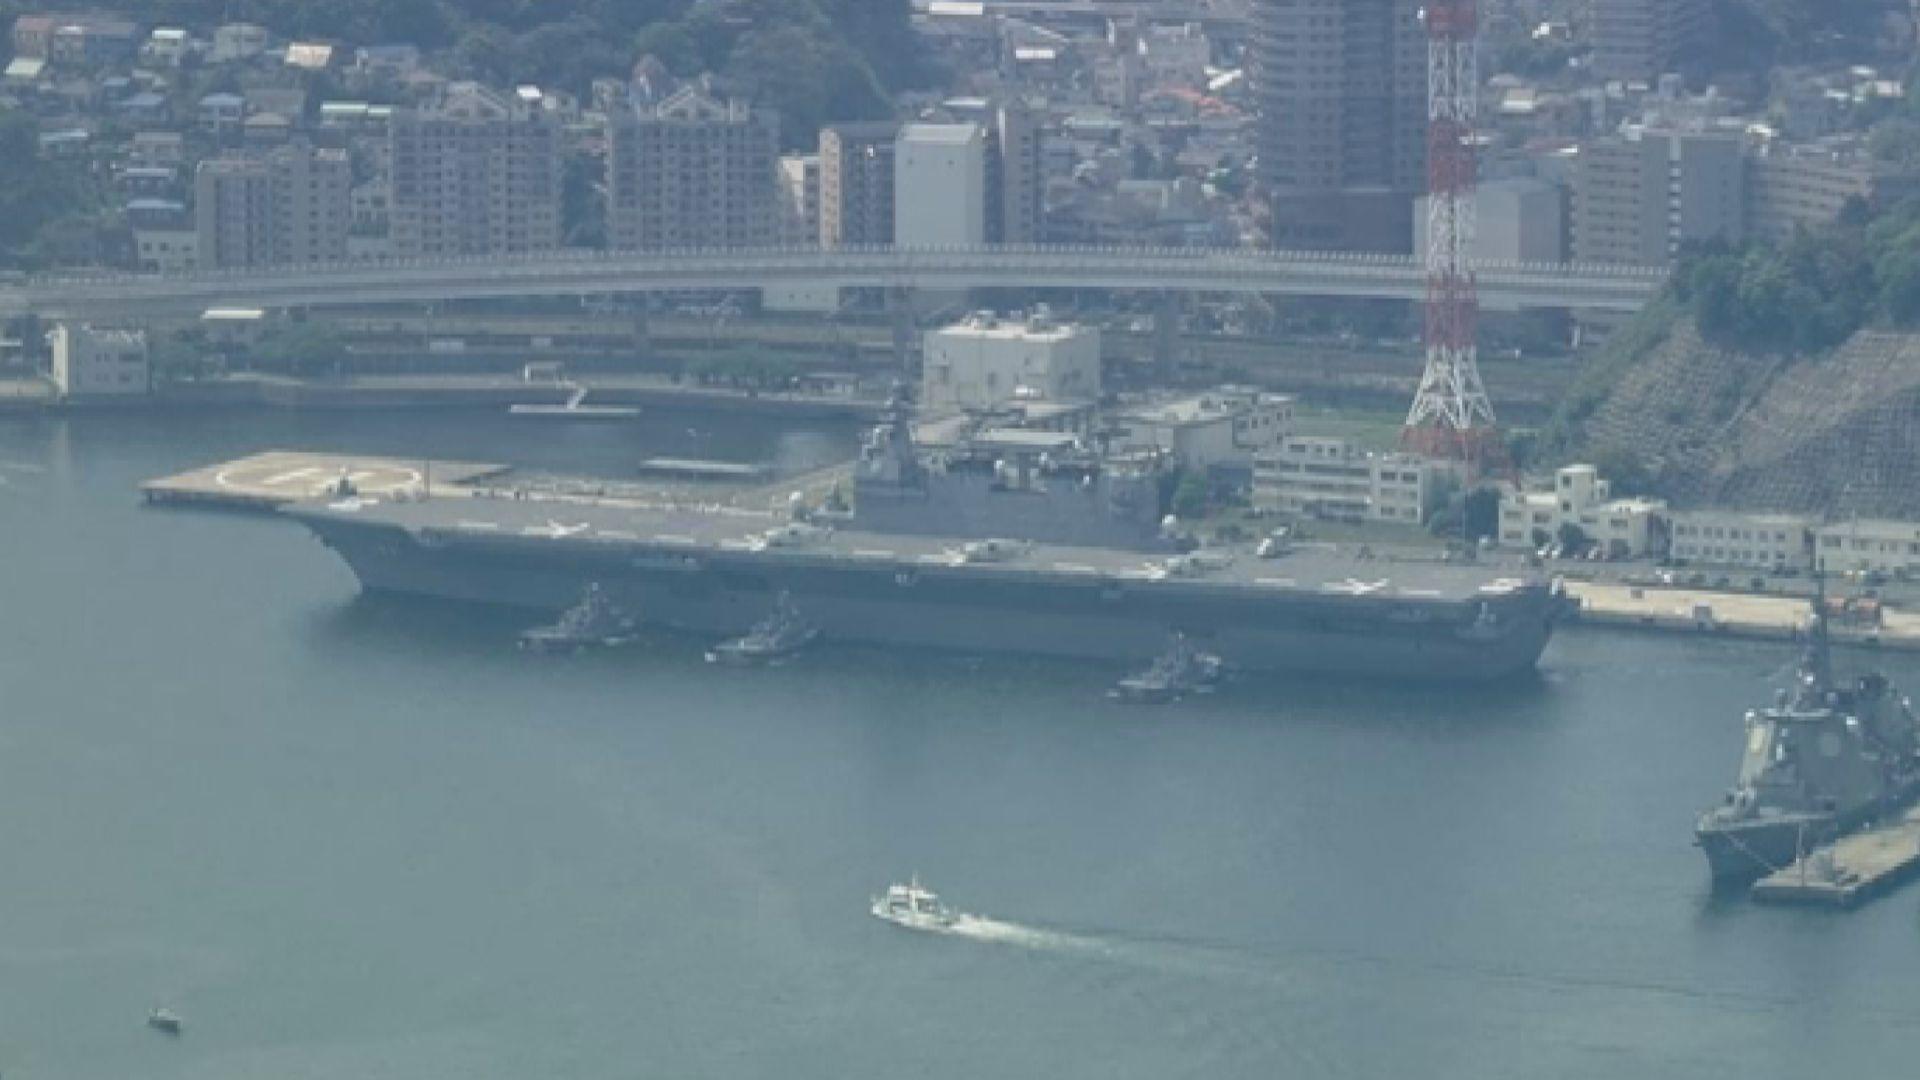 日本取消出雲號護衛艦停靠釜山